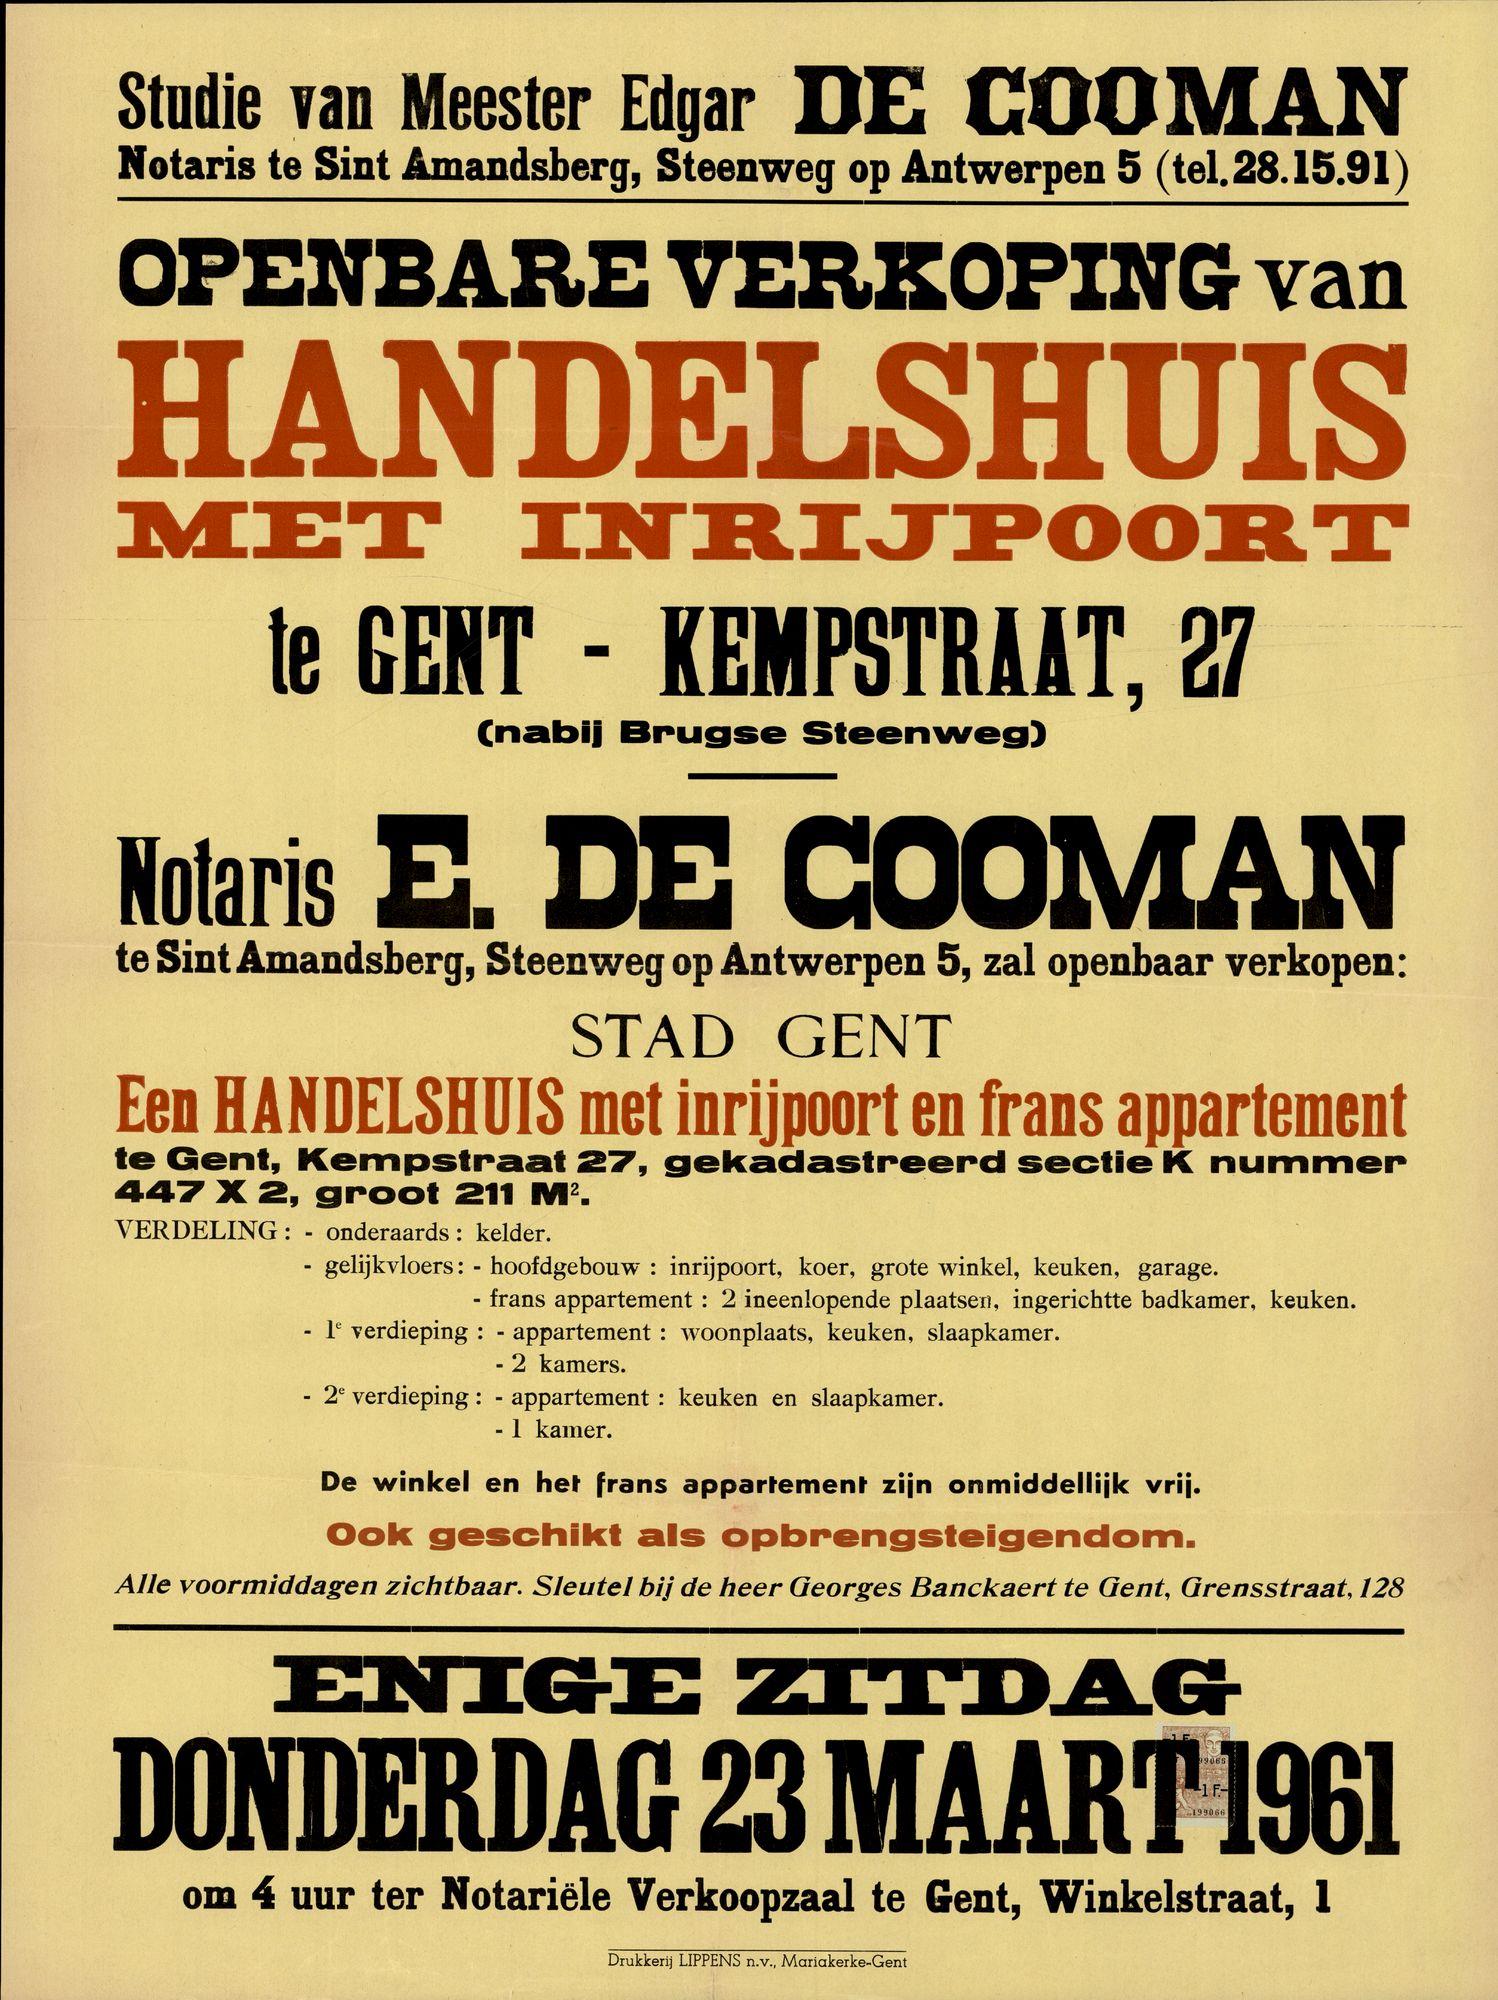 Openbare verkoop van handelshuis met inrijpoort te Gent, Kempstraat, nr.27, Gent, 23 maart 1961